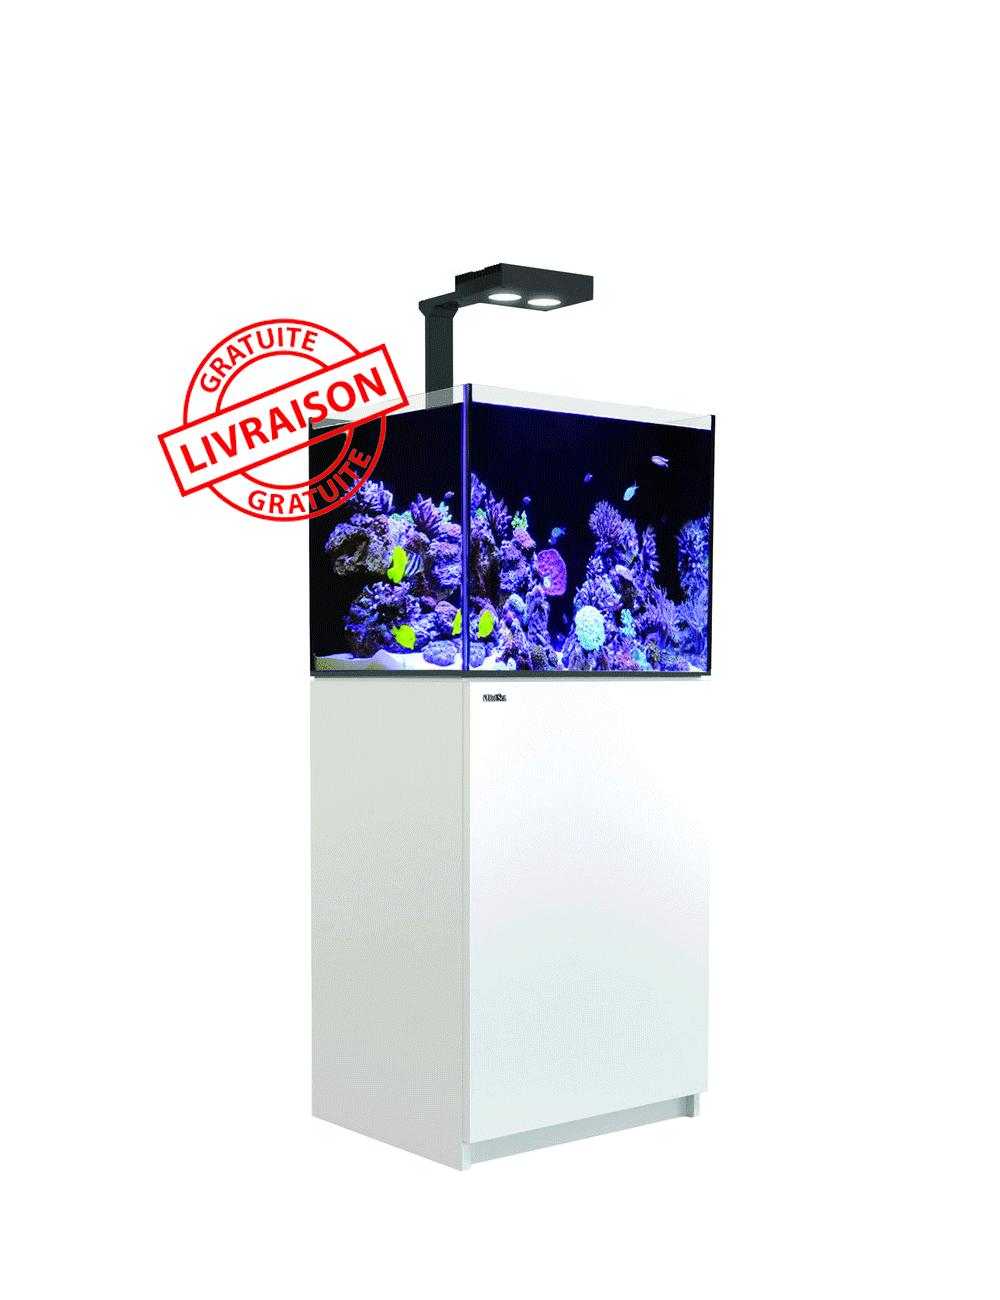 RED SEA - Aquarium Max® E-170 + LED AI Hydra 26™ HD - Meuble blanc  - 170 litres